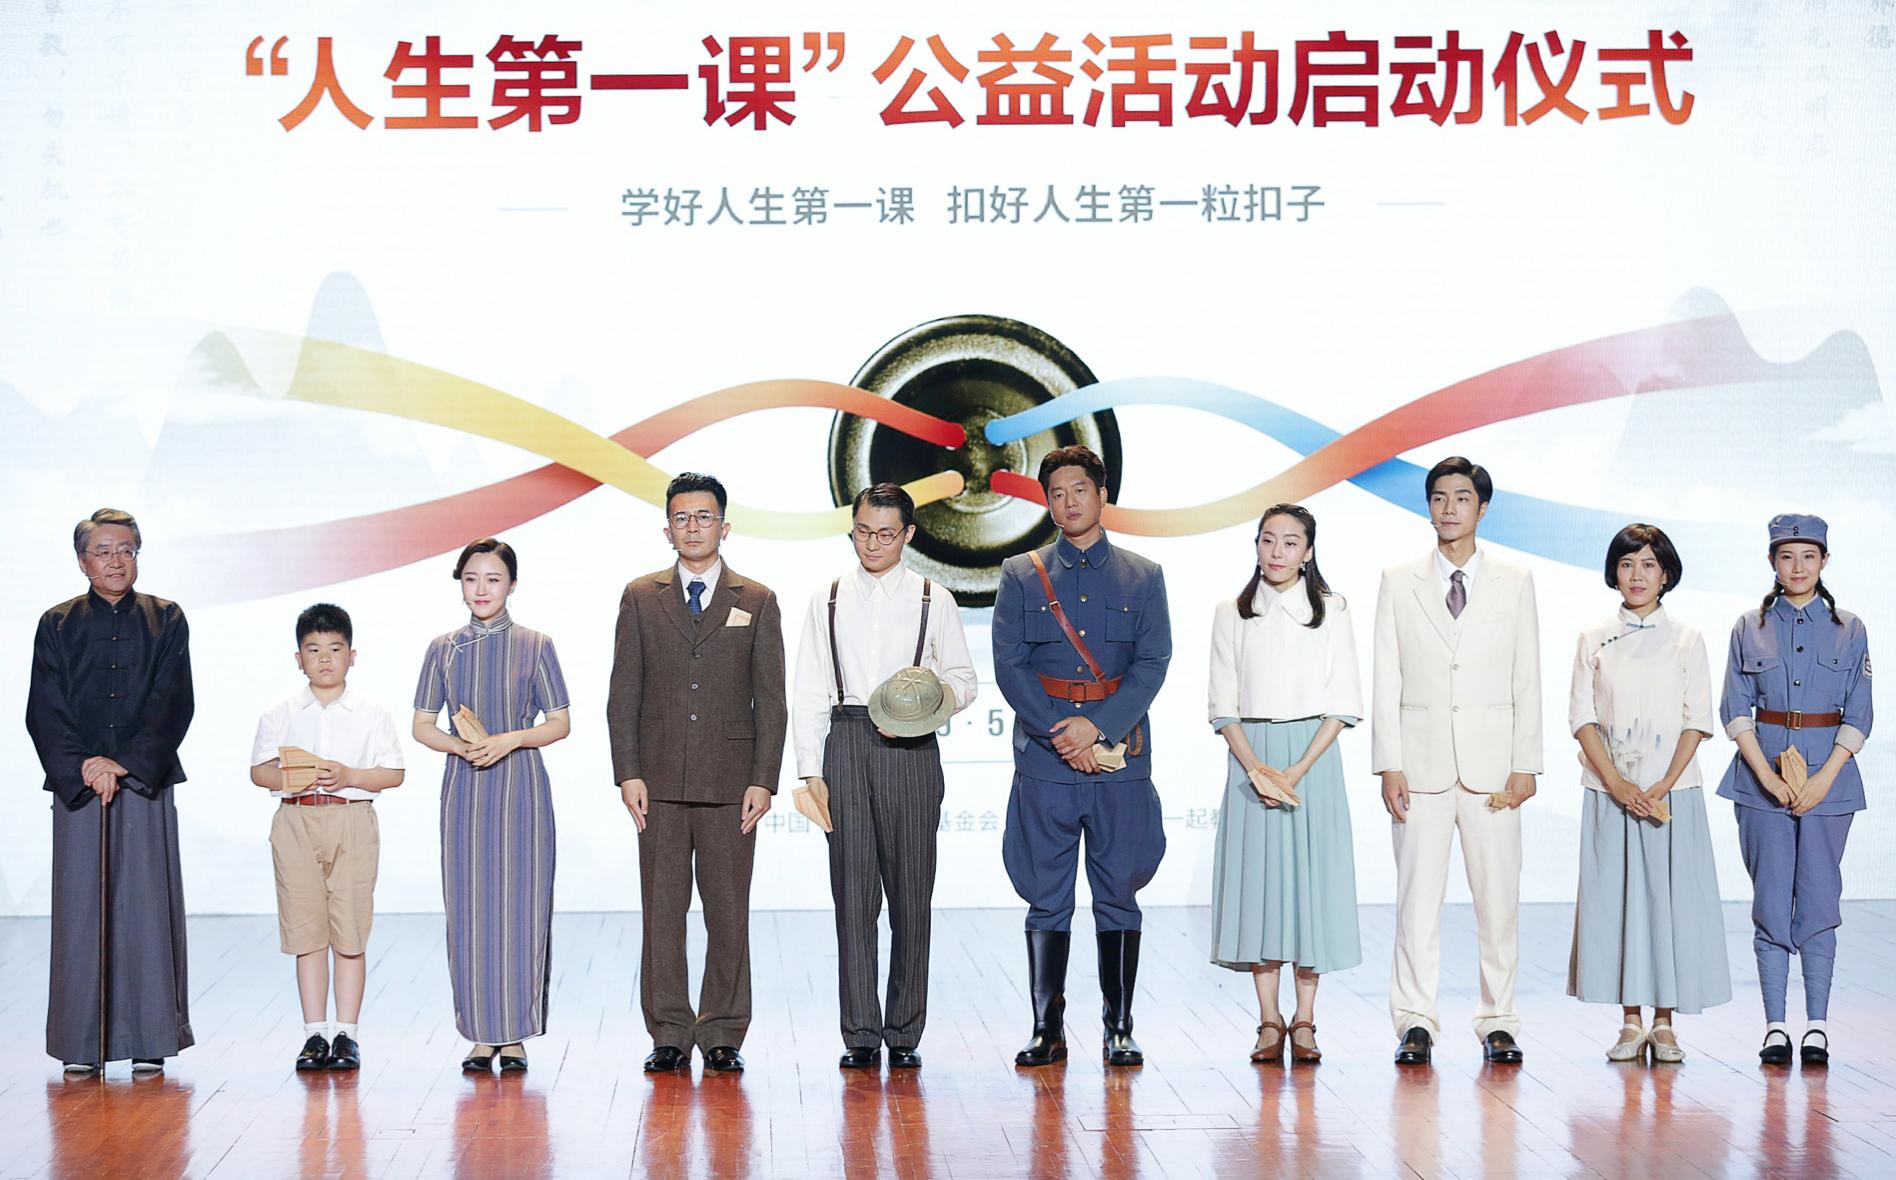 大数据助力德育教育 国内首个中小学生线上德育教学平台上线 _中国网